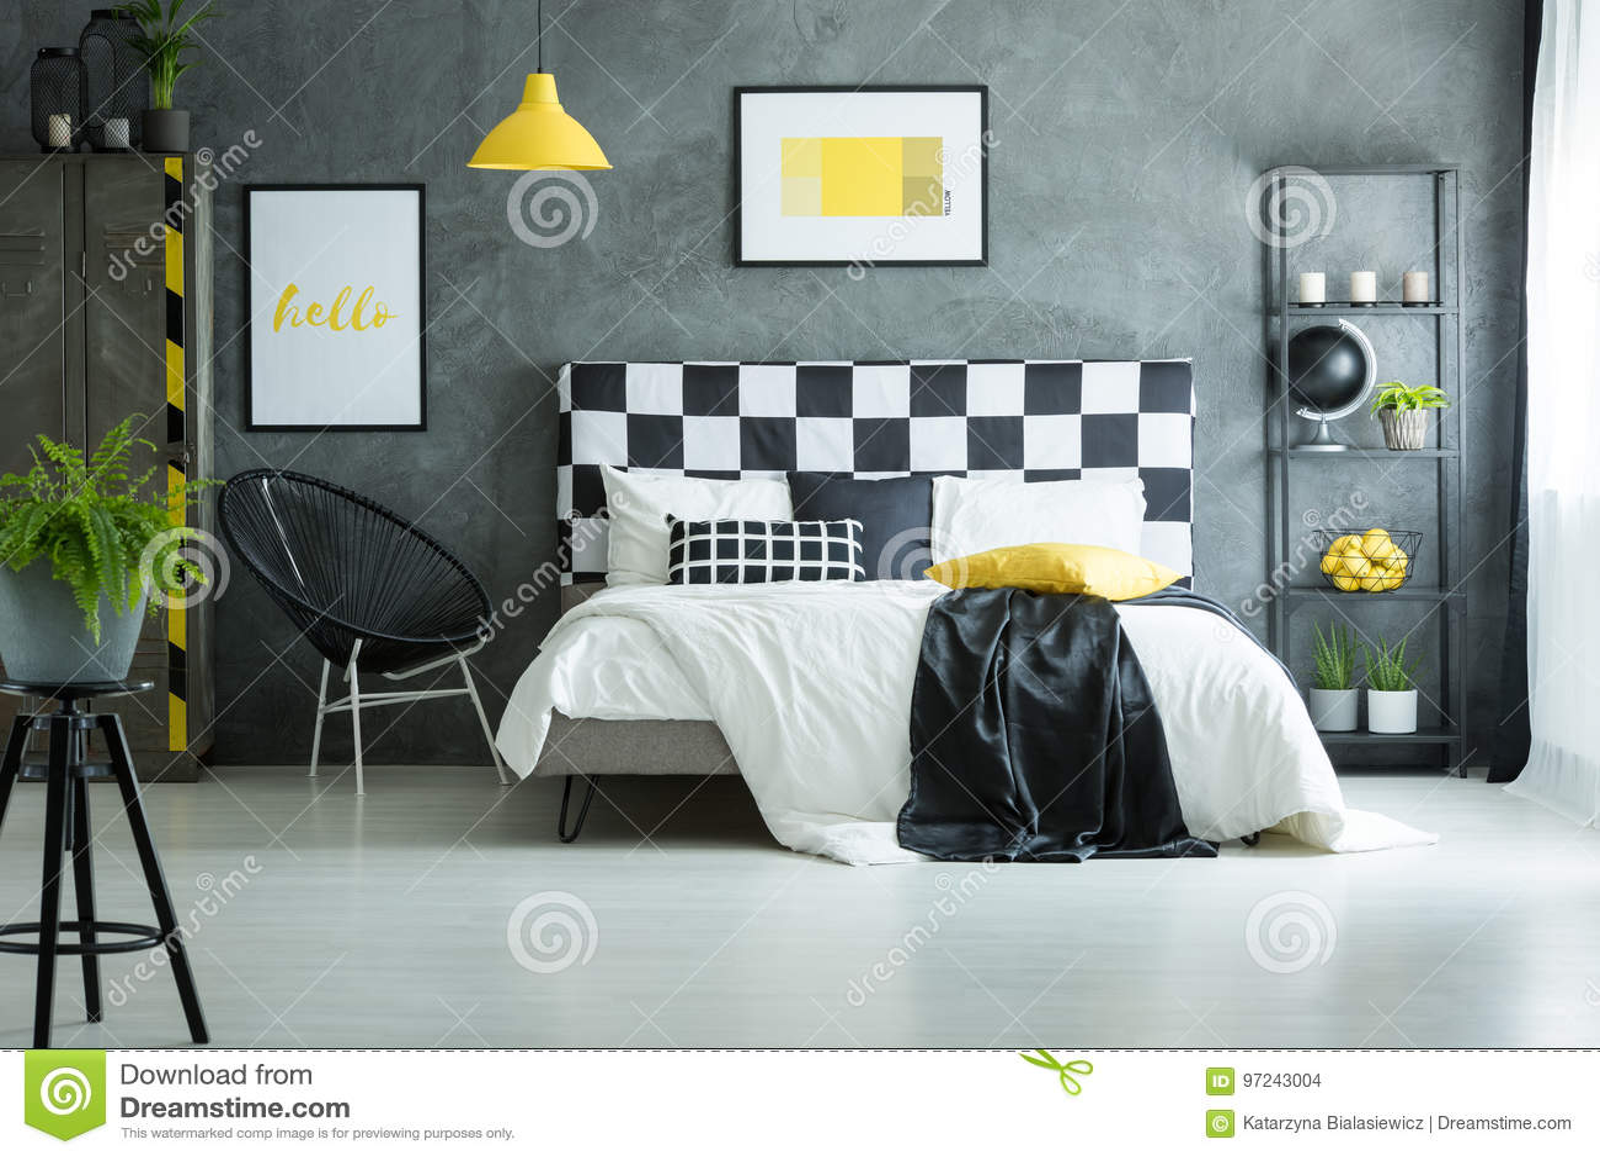 Pavimento Bianco Lucido Prezzo : Camera da letto accogliente con il pavimento bianco lucido